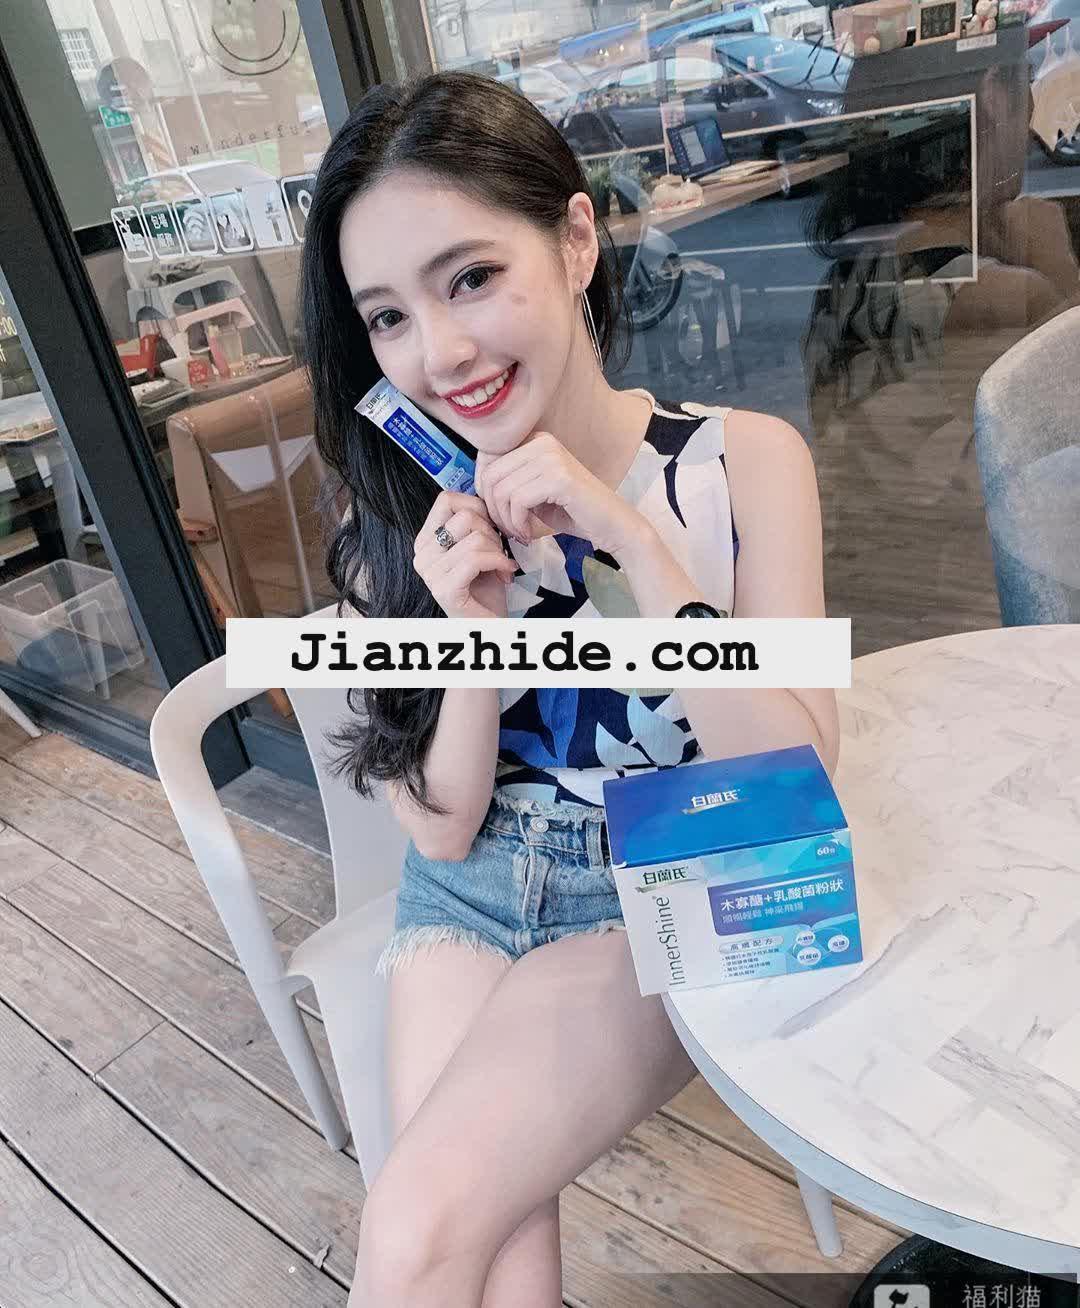 from www.jianzhide.com